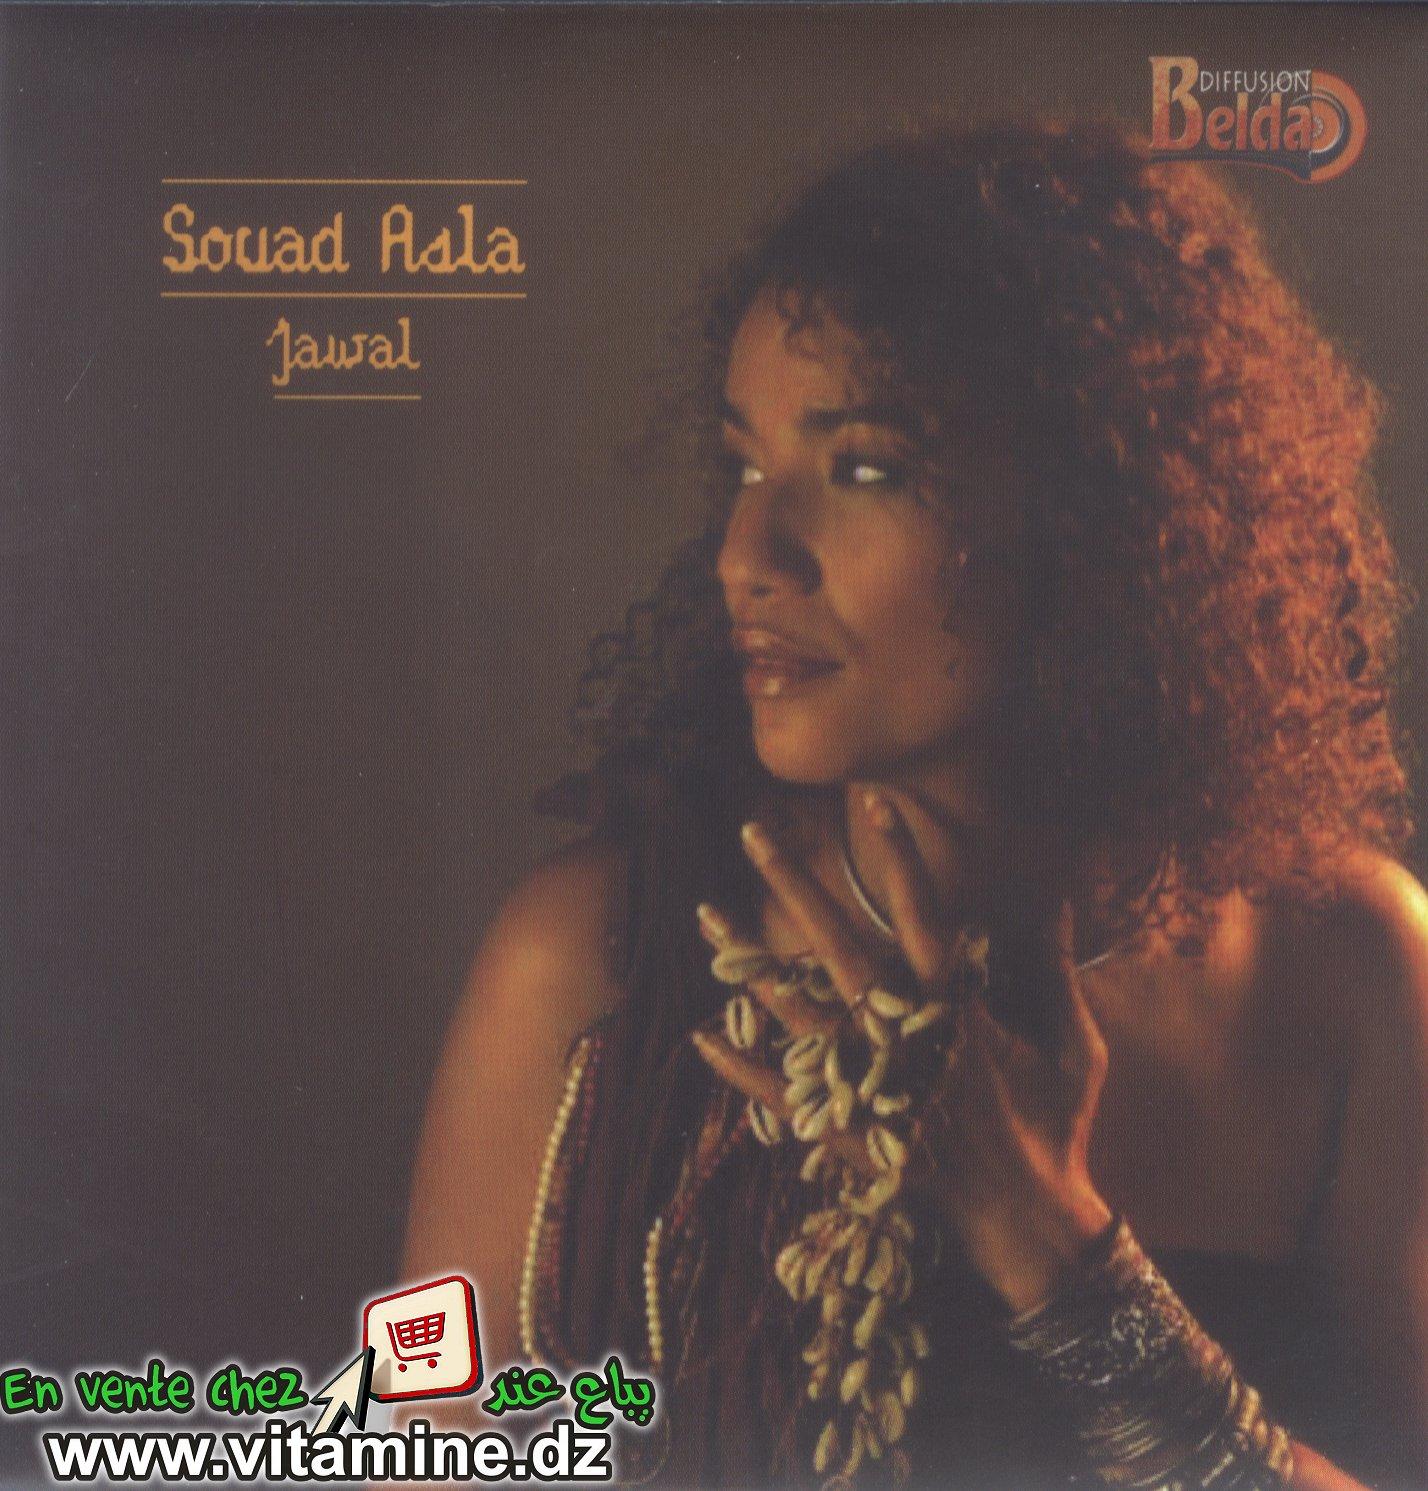 Souad Asla - jawal